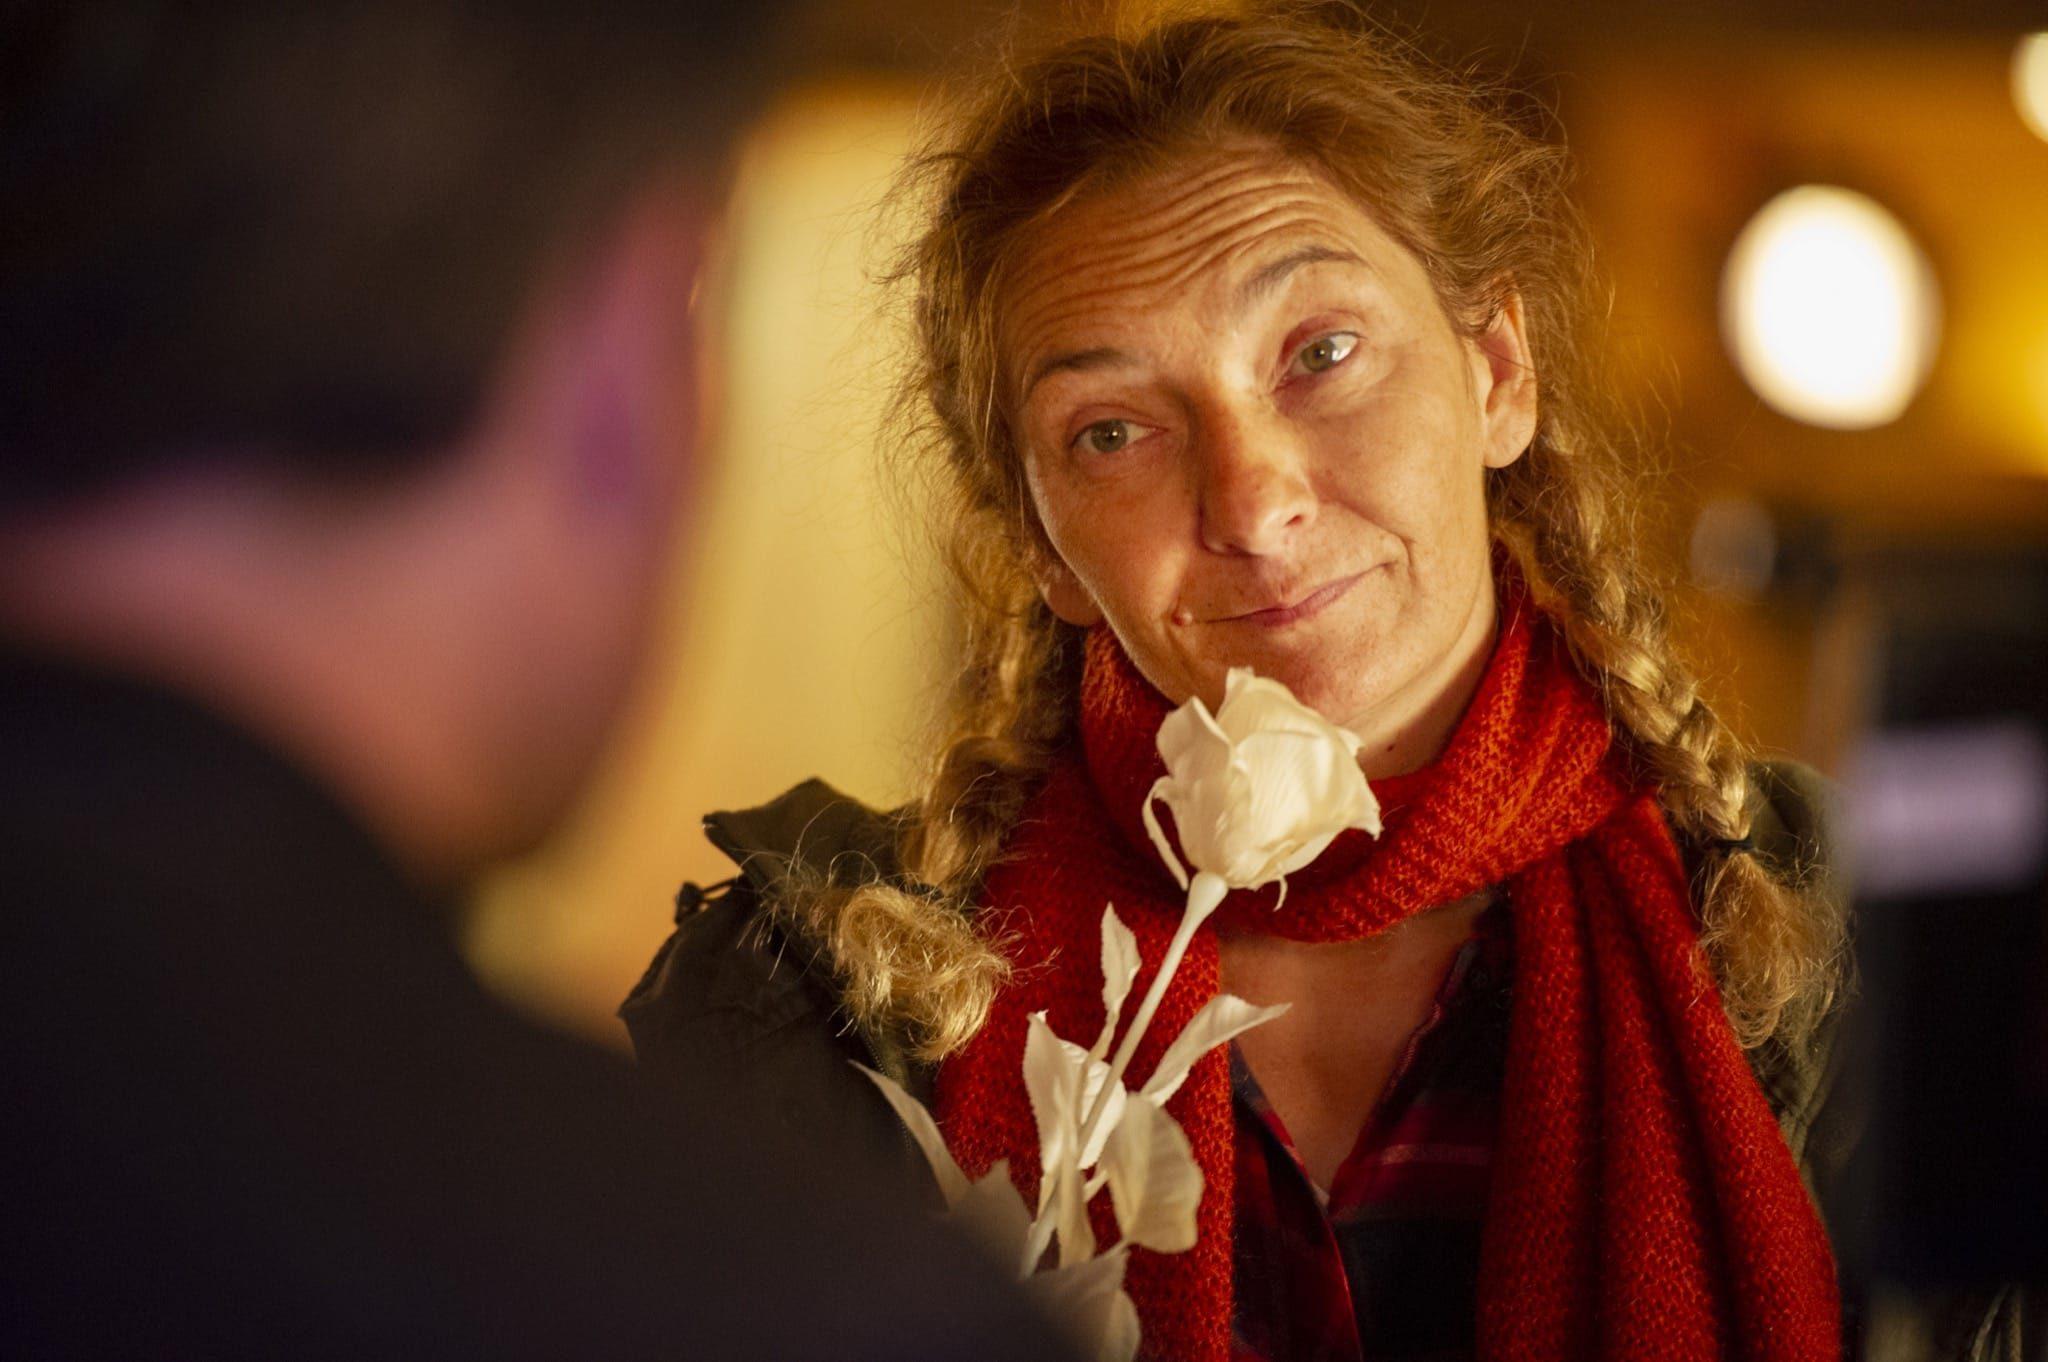 Capitaine Marleau épisode Une voix dans la nuit image série